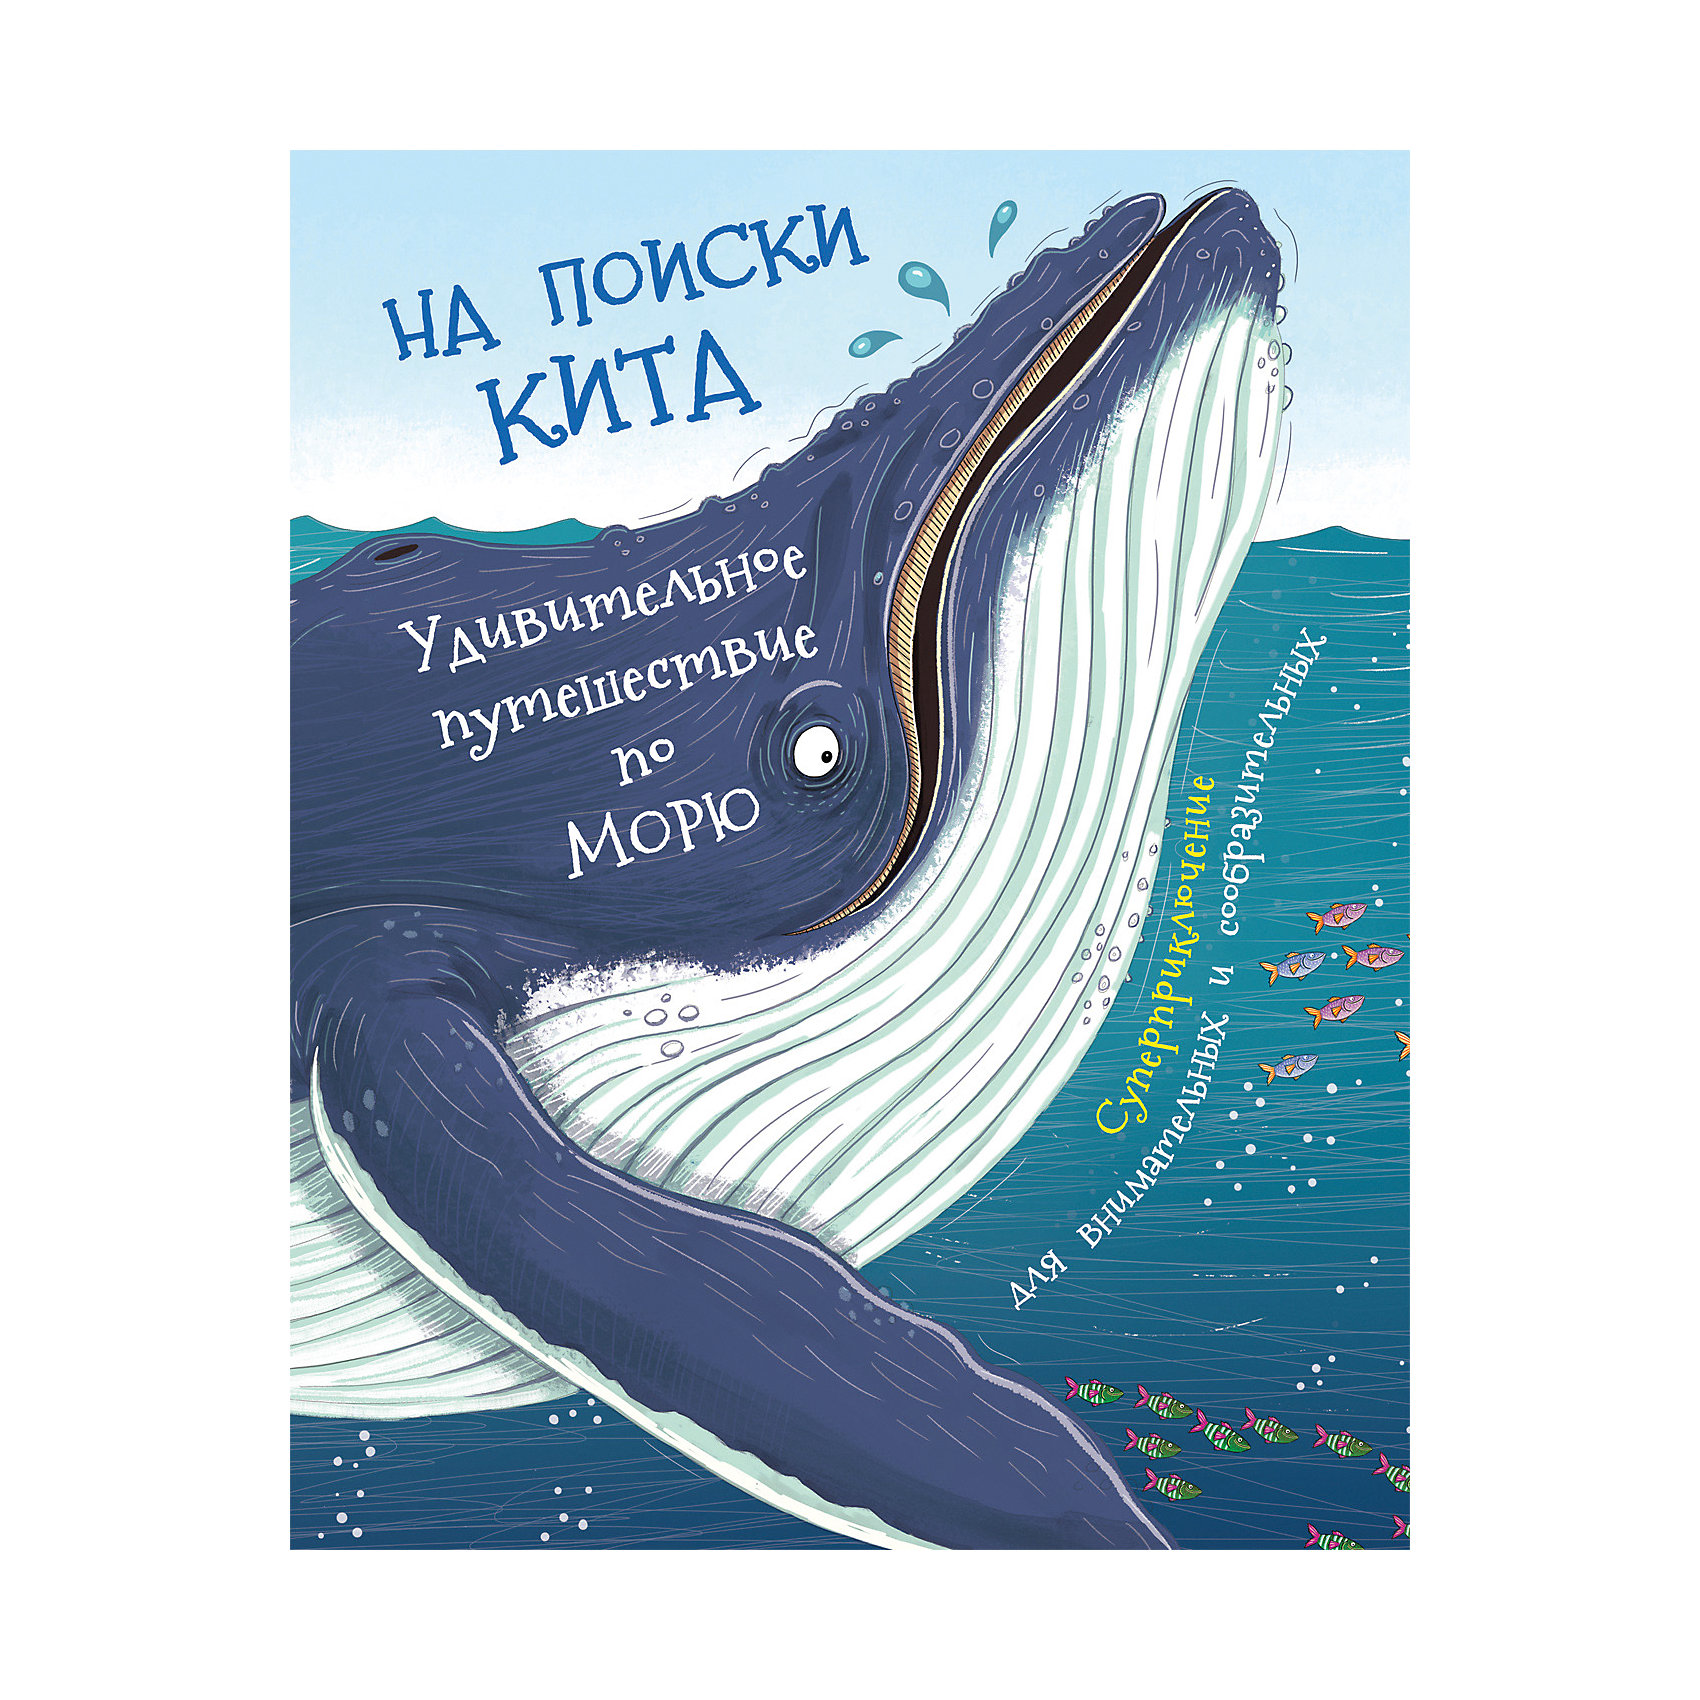 На поиски кита, РосмэнПервые книги малыша<br>Характеристики:<br><br>• возраст: от 3 лет<br>• автор: Камила де ла Бедуайер<br>• художник: Р. Уотсон<br>• переводчик: Л. В. Клюшник<br>• издательство: Росмэн<br>• переплет: мягкий<br>• иллюстрации: цветные<br>• количество страниц: 24<br>• размер: 27,5х21,3х0,4 см.<br>• вес: 200 гр.<br>• ISBN: 9785353084716<br><br>Осьминог Ося нуждается в твоей помощи. Пропала его подруга - китиха Кити. Её надо найти, во что бы то ни стало. Только ты сможешь ему помочь. Настройся на приключения. Тебе придется пересечь океаны, познакомиться с морскими обитателями в разных частях нашей планеты и узнать много интересного. Следуй за подсказками, и удача будет на твоей стороне.<br><br>Книгу «На поиски кита», РОСМЭН можно купить в нашем интернет-магазине.<br><br>Ширина мм: 213<br>Глубина мм: 4<br>Высота мм: 275<br>Вес г: 200<br>Возраст от месяцев: 36<br>Возраст до месяцев: 2147483647<br>Пол: Унисекс<br>Возраст: Детский<br>SKU: 7040396